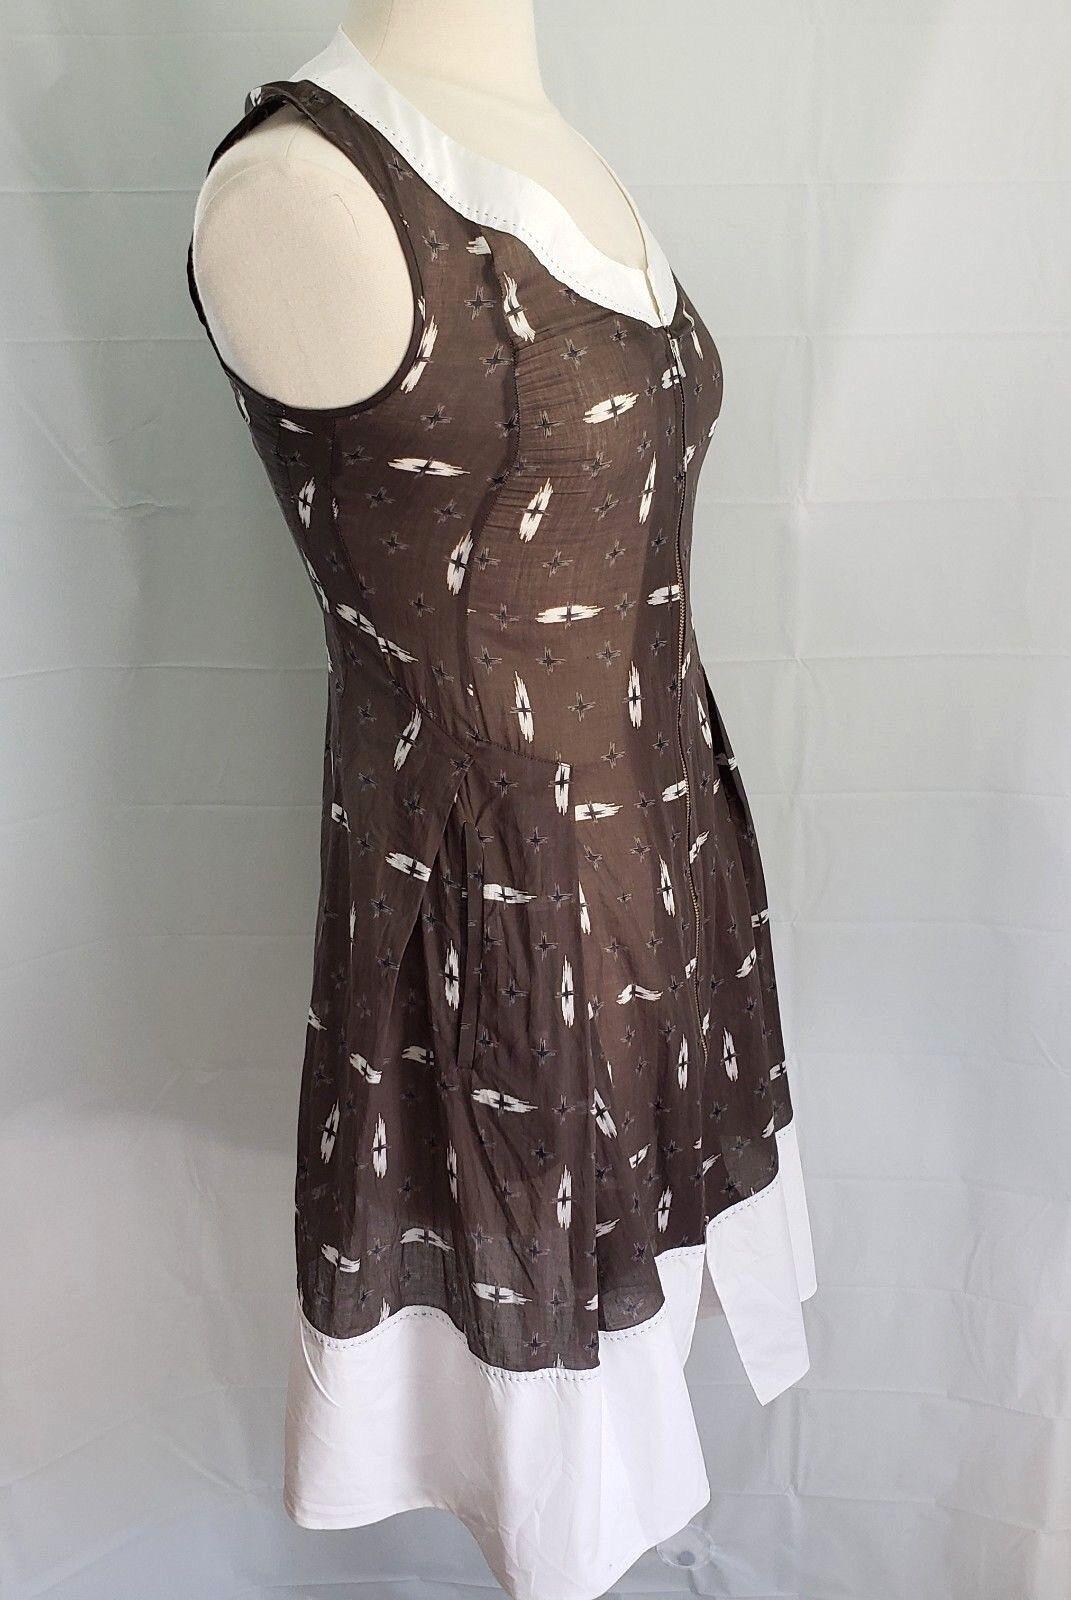 CREA CONCEPT damen Fit & Flare Dress braun Weiß 100% Cotton Größe 36 US